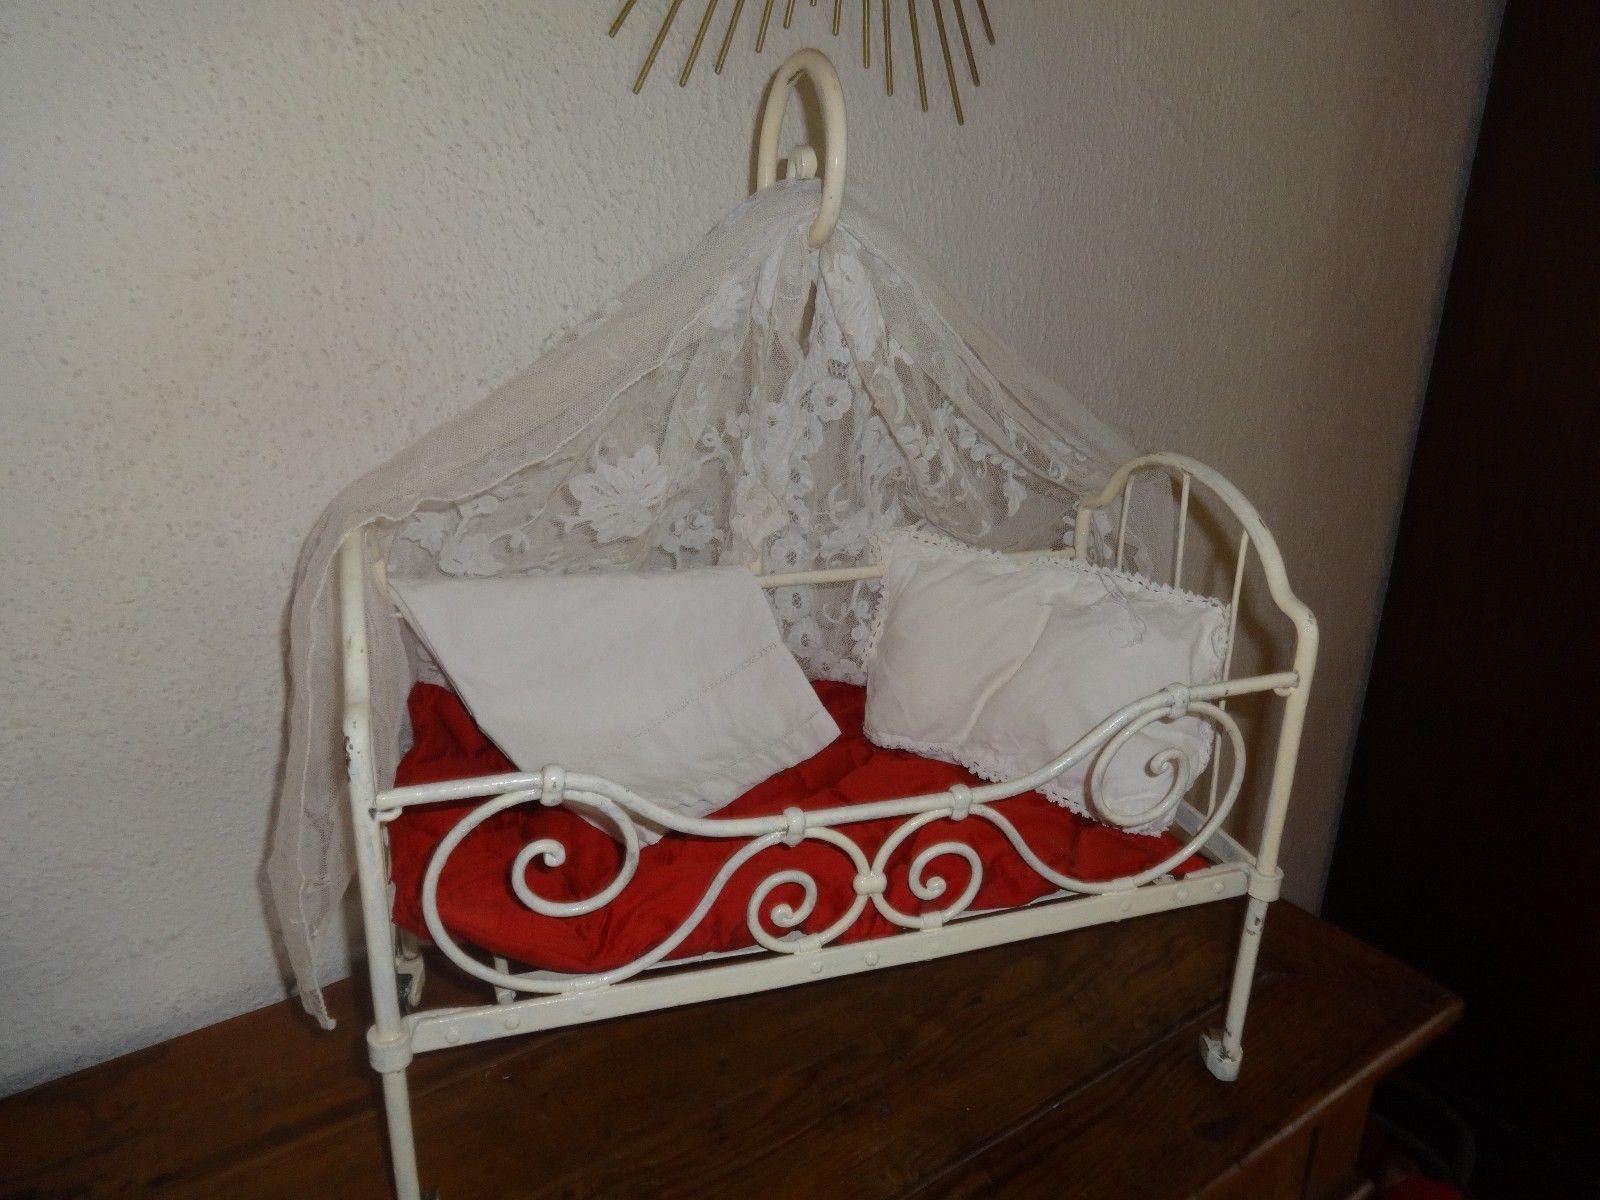 lit ancien en fer pour poup e jouet ancien mobilier de poup e jouets et jeux poup es. Black Bedroom Furniture Sets. Home Design Ideas